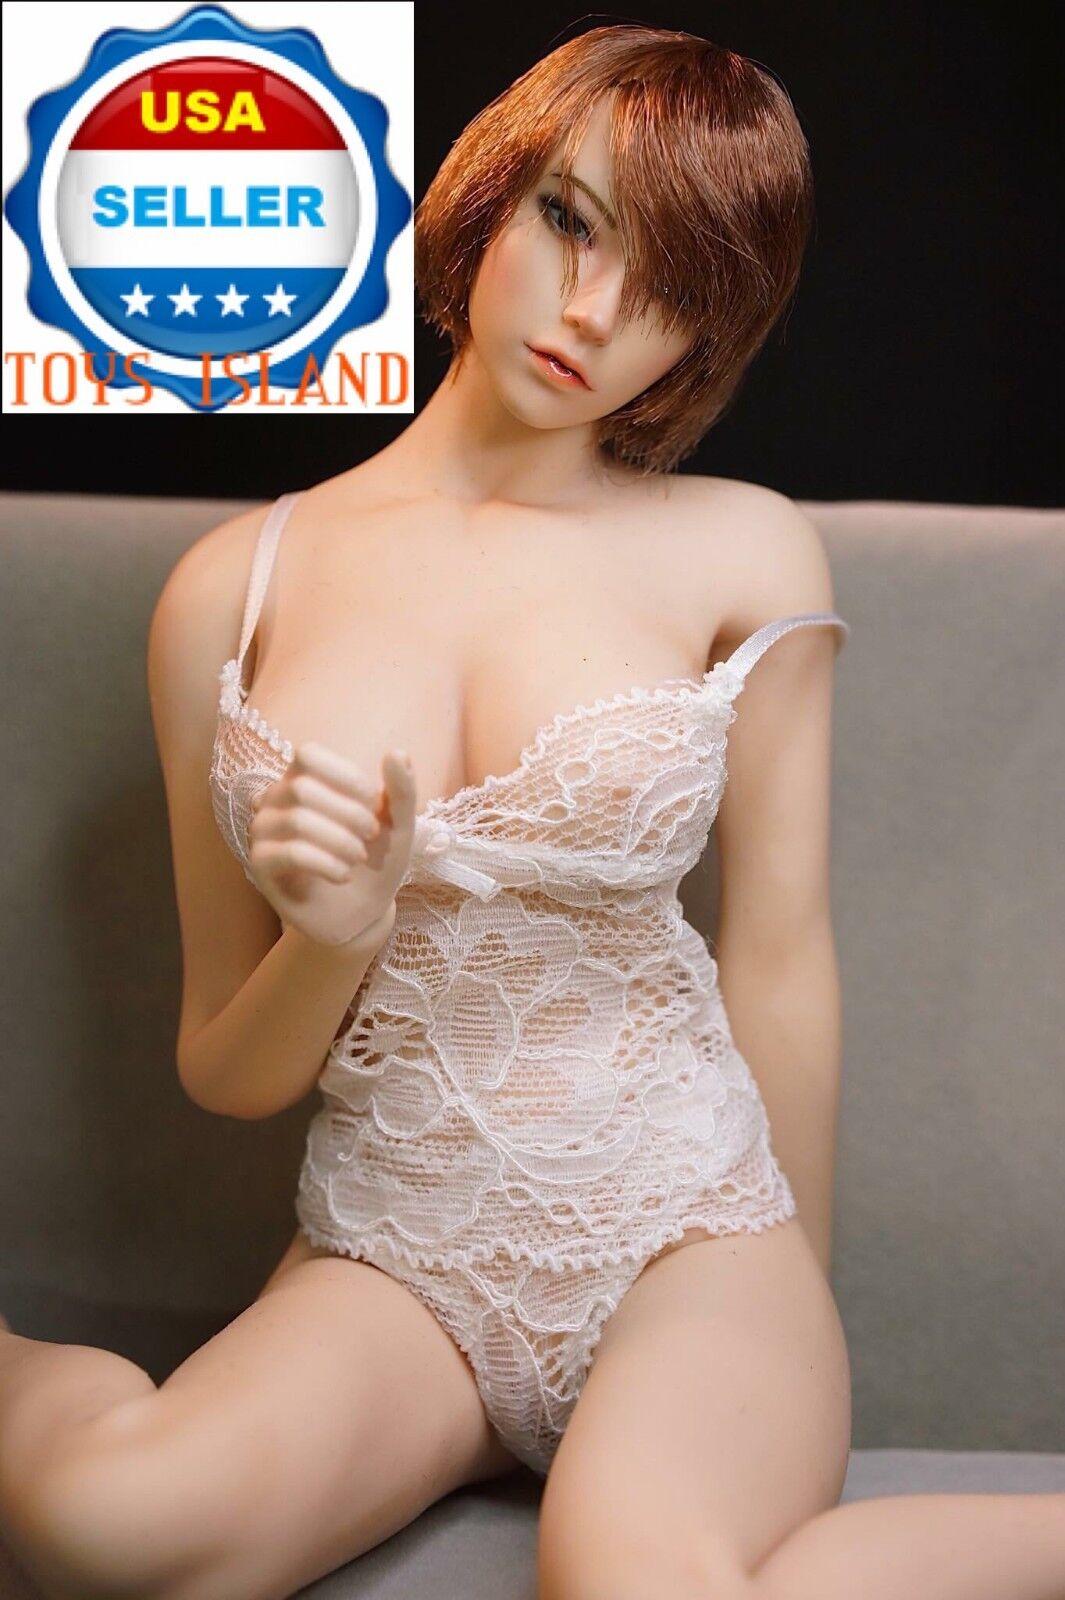 PHICEN 1 6 American Beauty Impecable Figura De Mujer Pelo Corto Muñeca Juego ❶ USA ❶